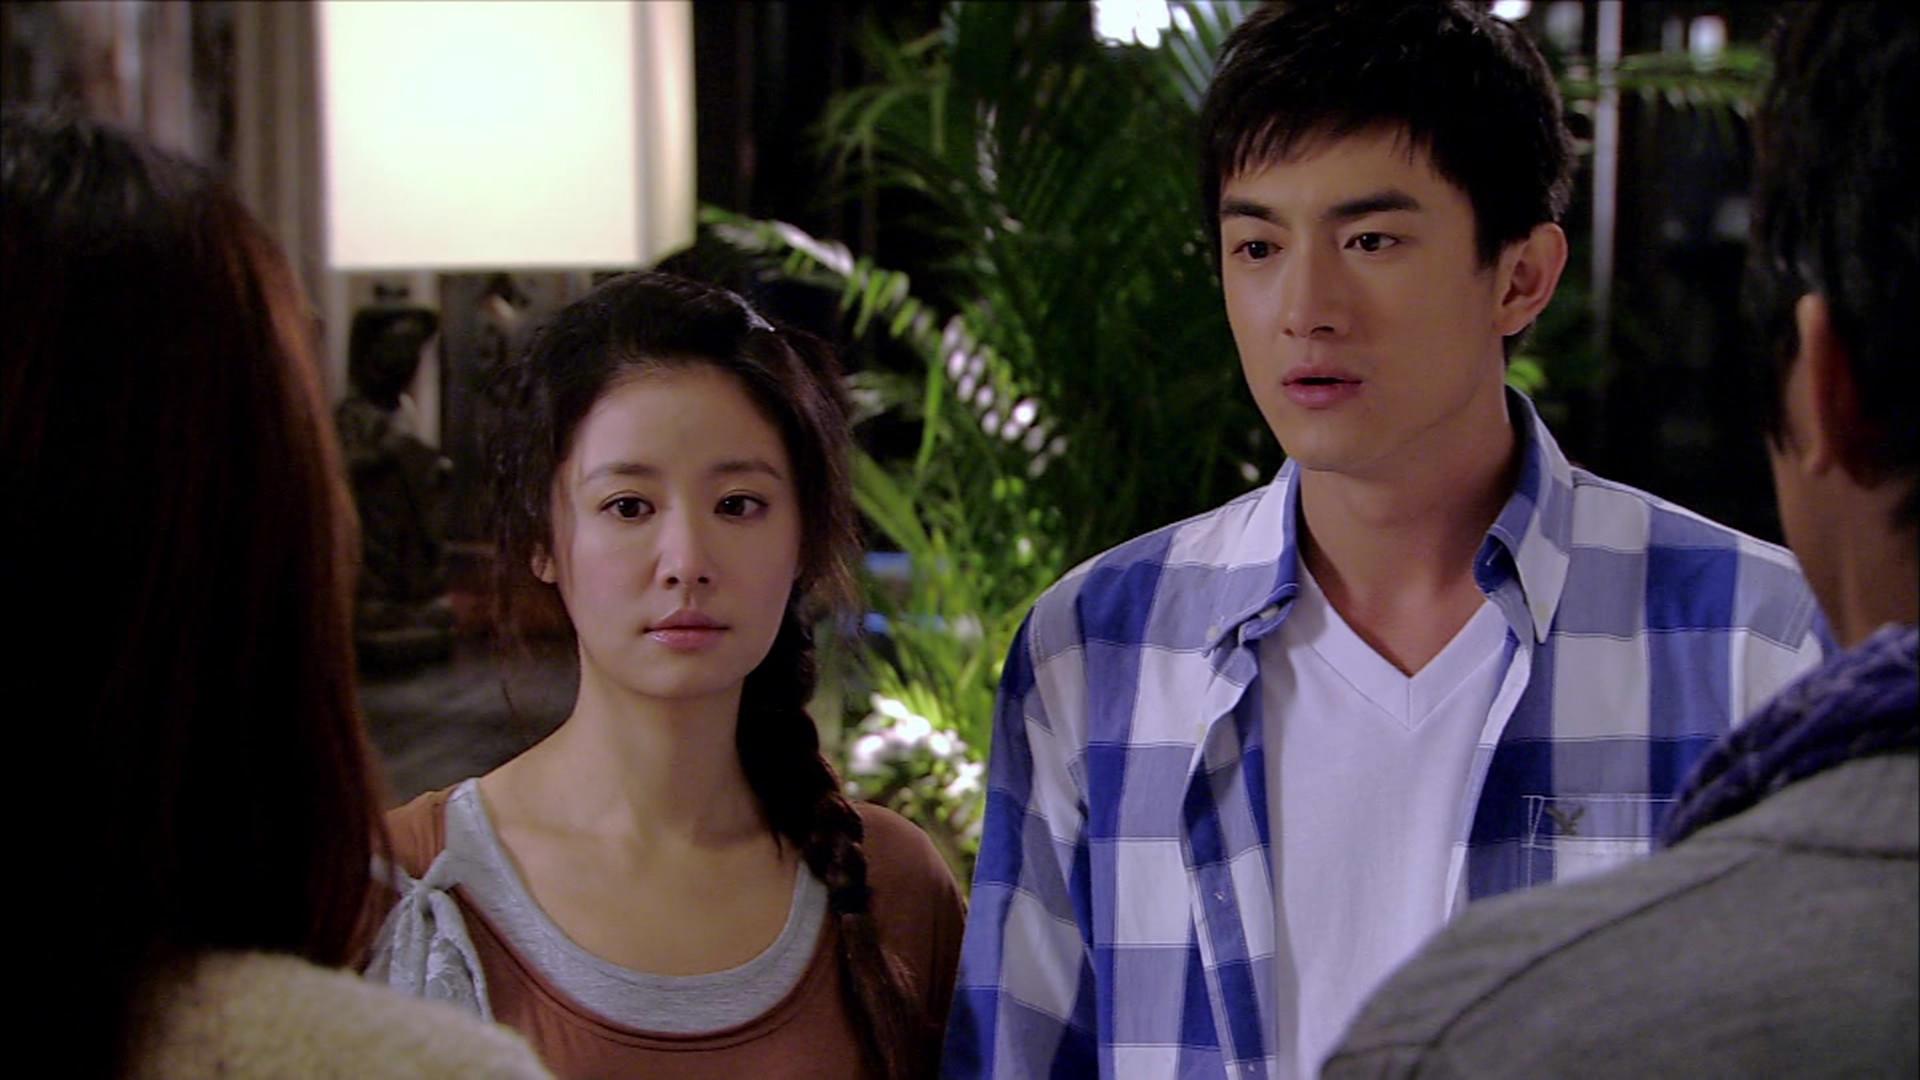 Đống Thiếu Thiên luôn chấp nhận làm cậu em trai bên cạnh giúp đỡ Minh Minh và cố giấu đi tình cảm dành cho cô biên kịch 30 tuổi này